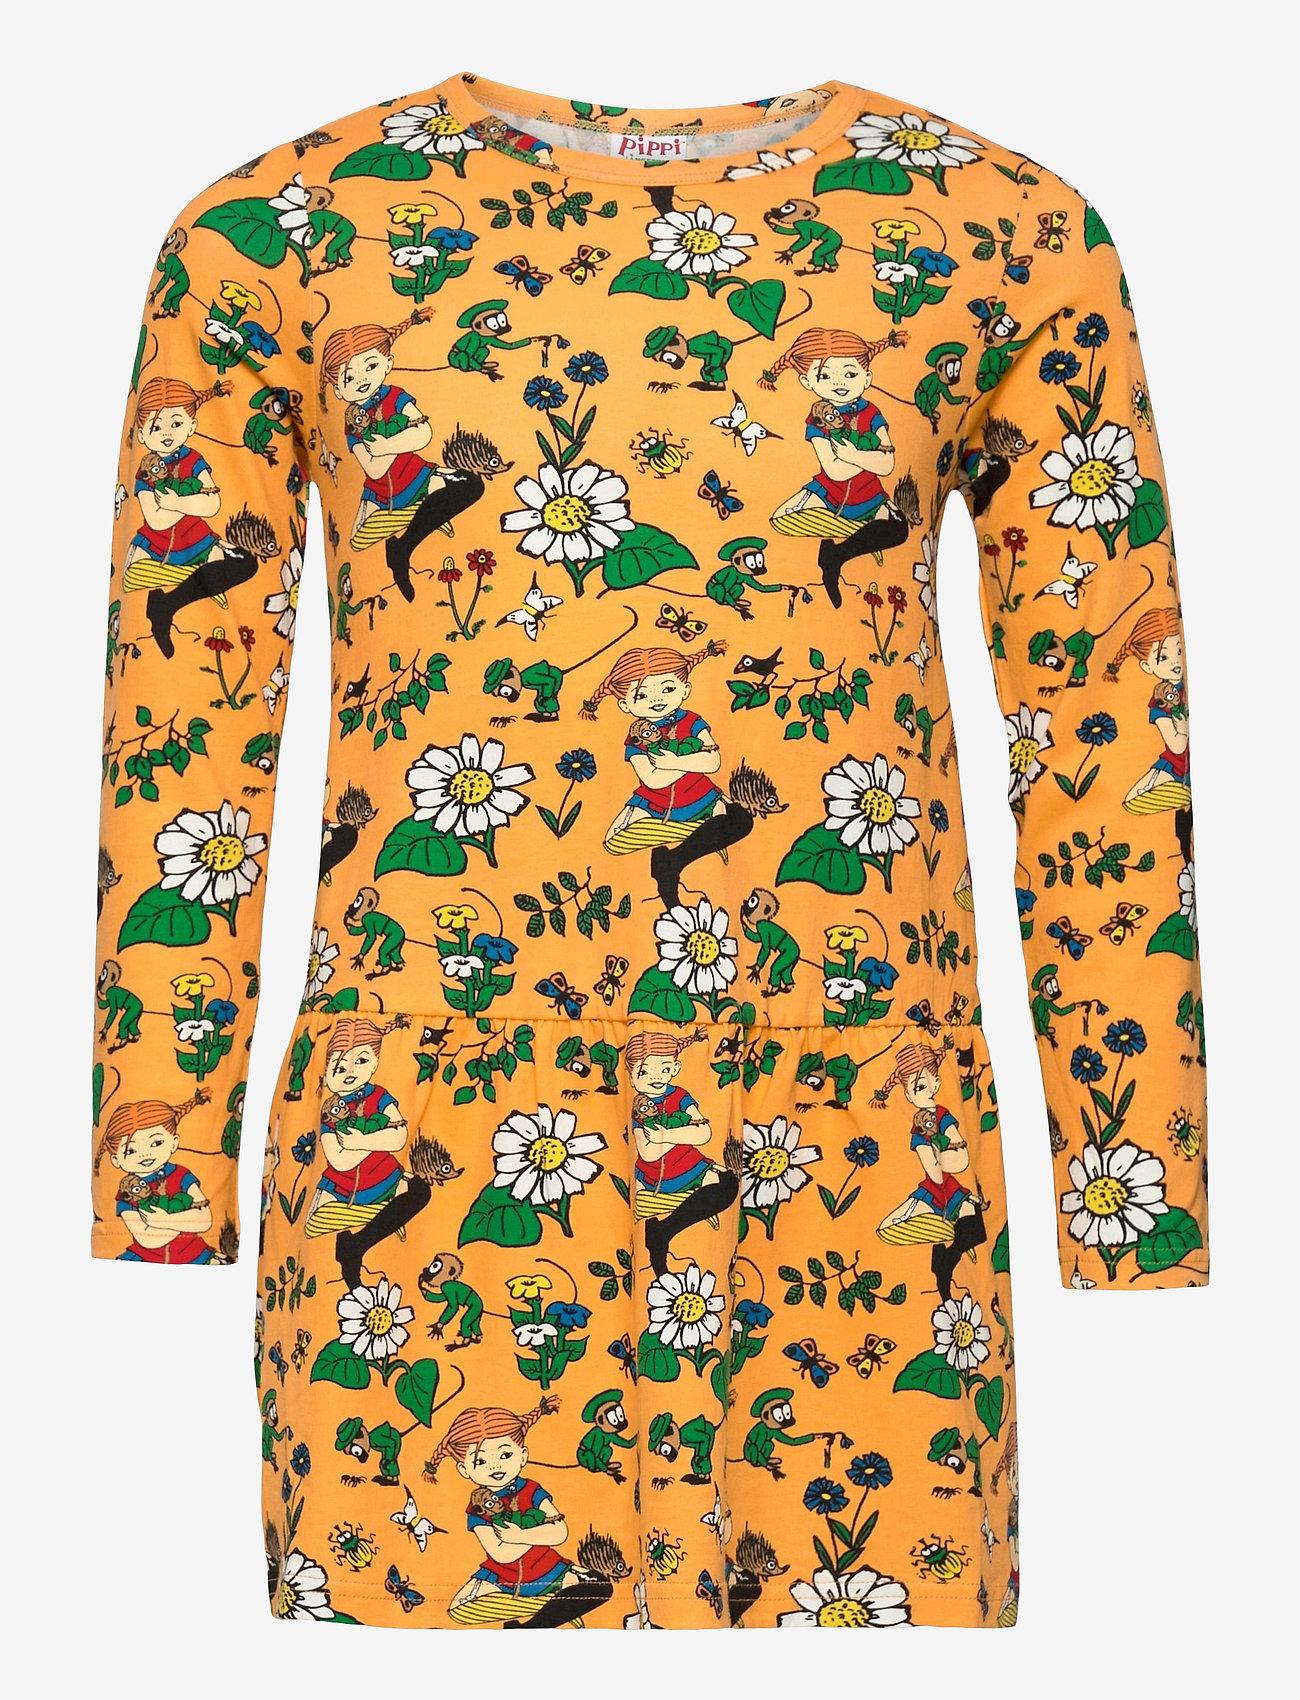 Martinex - OXEYE DAISY DRESS - kleider - orange - 0